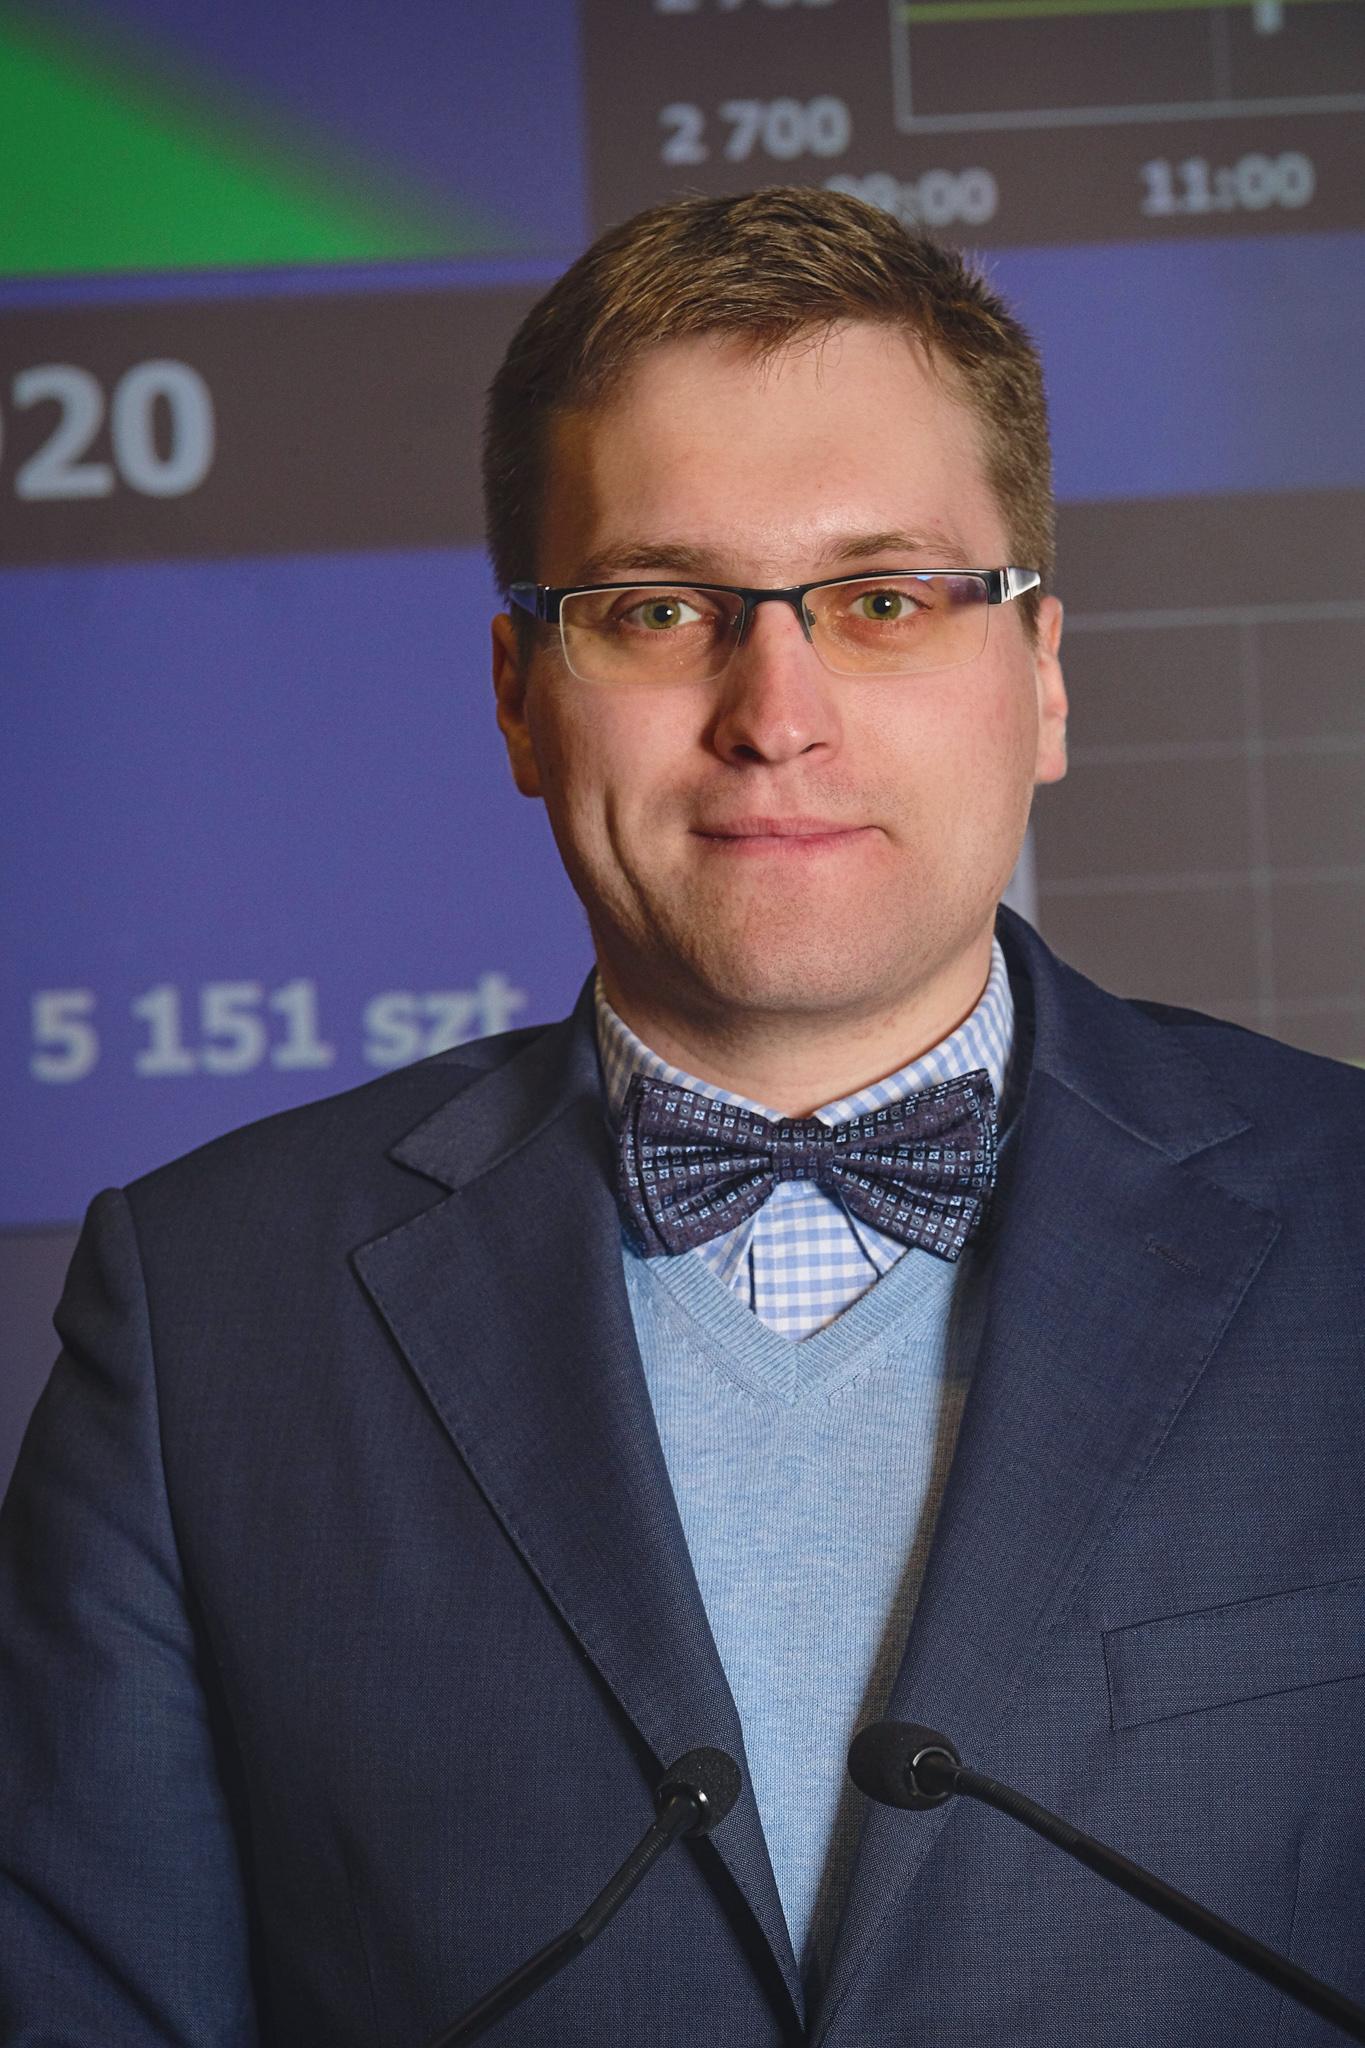 Mateusz Ciasnocha